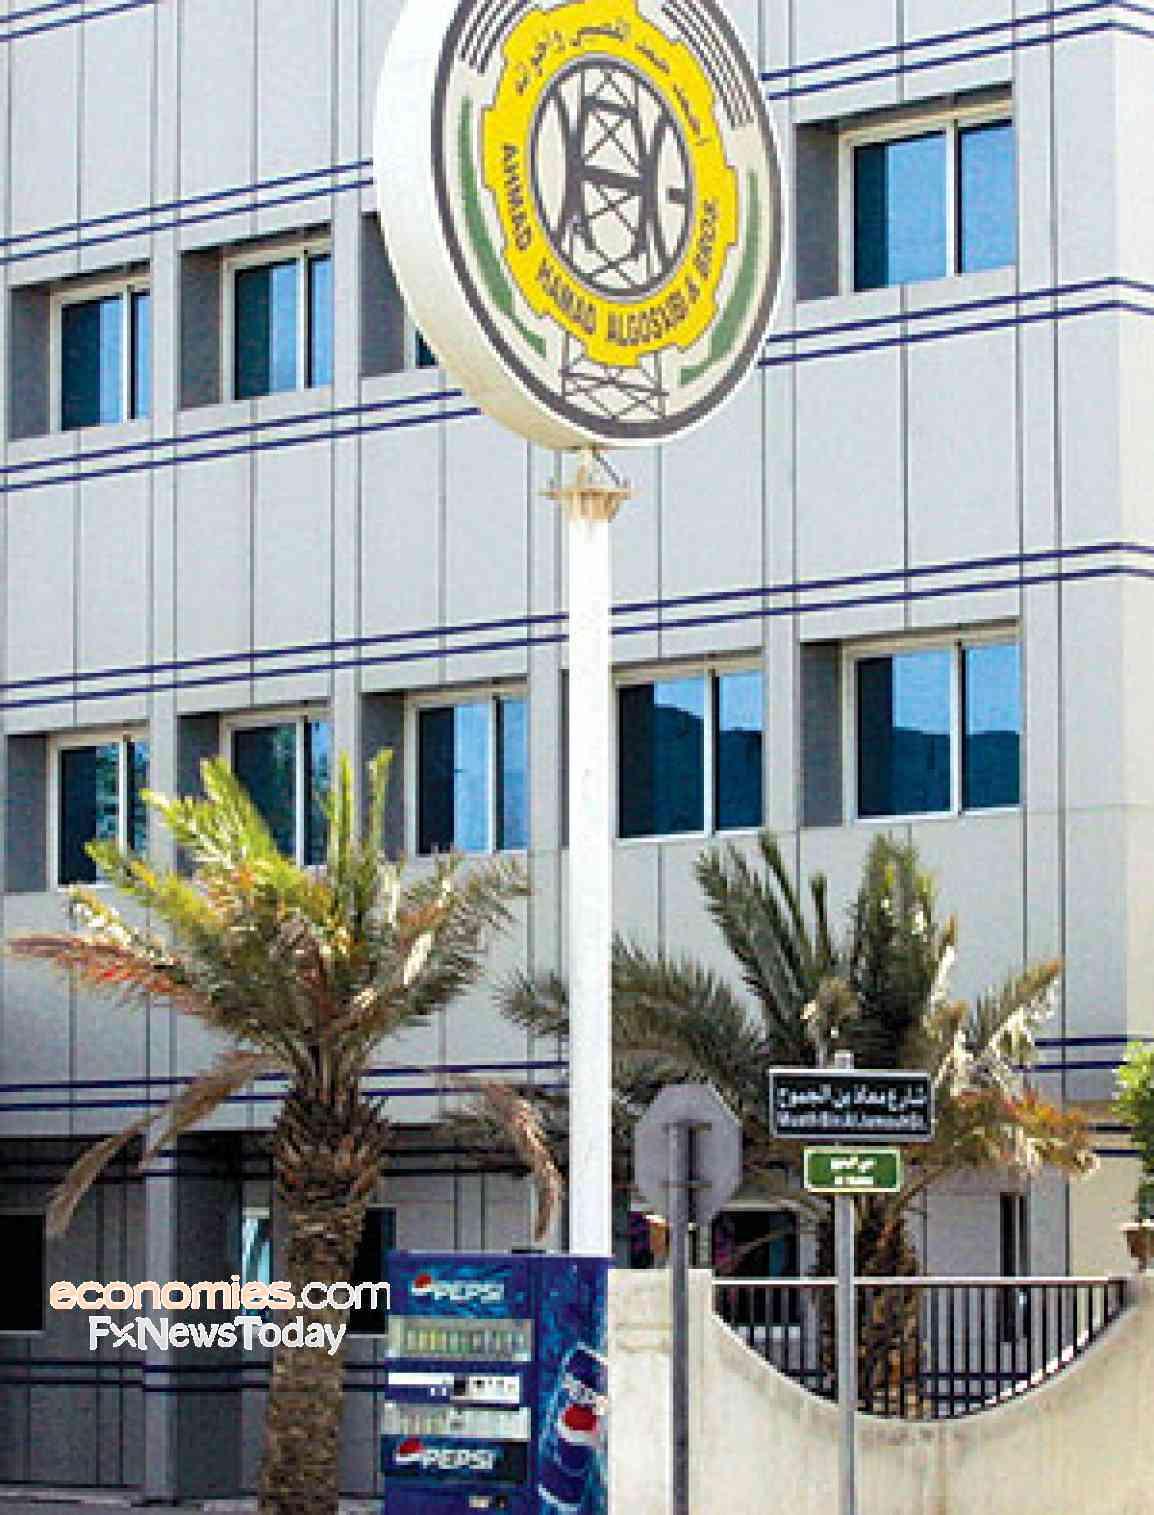 الوكيل القانوني لمجموعة القصيبي: المحكمة رفضت طلبنا لحل النزاع مع الدائنين